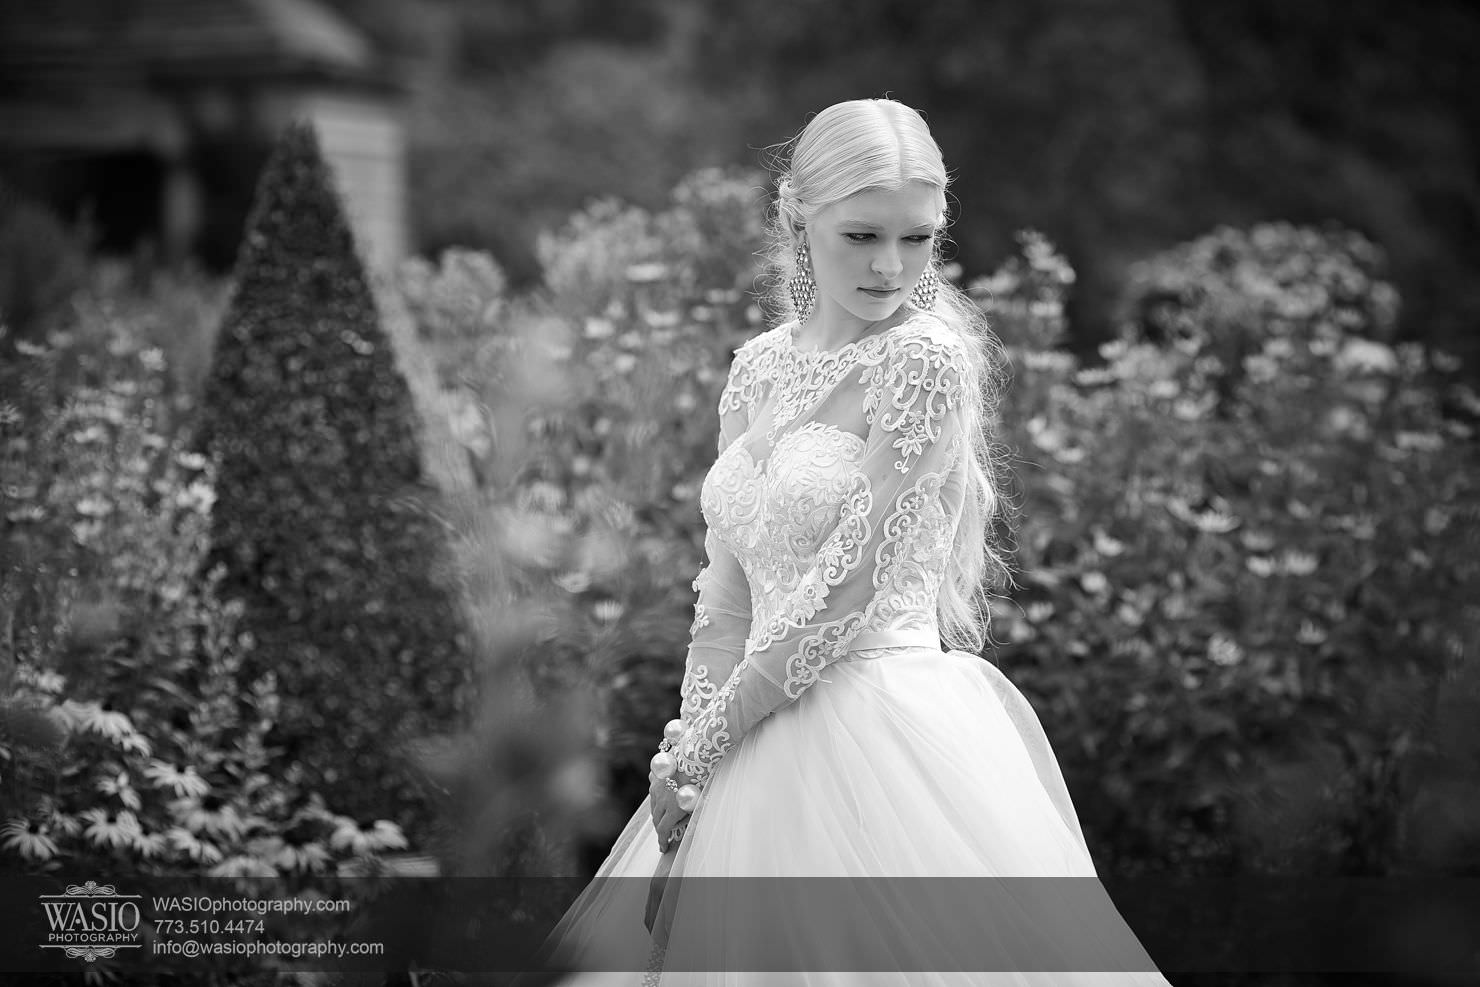 chicago-botanic-garden-classy-bride-summer-wedding-014 Chicago Botanic Garden - Classy Bride